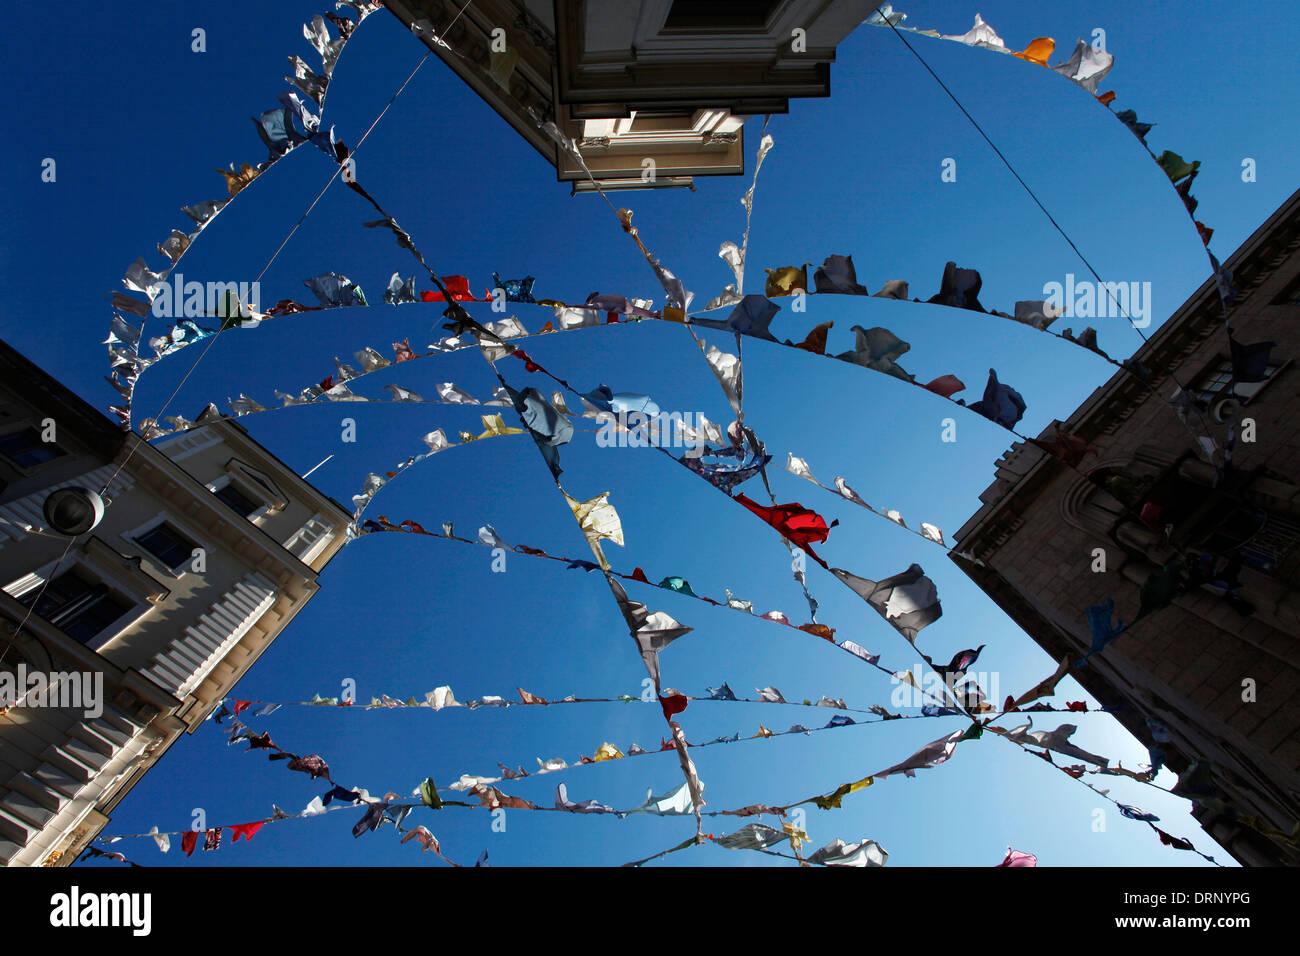 Lignes de vêtements pendus entre les bâtiments avec ciel bleu sur l'arrière-plan Photo Stock